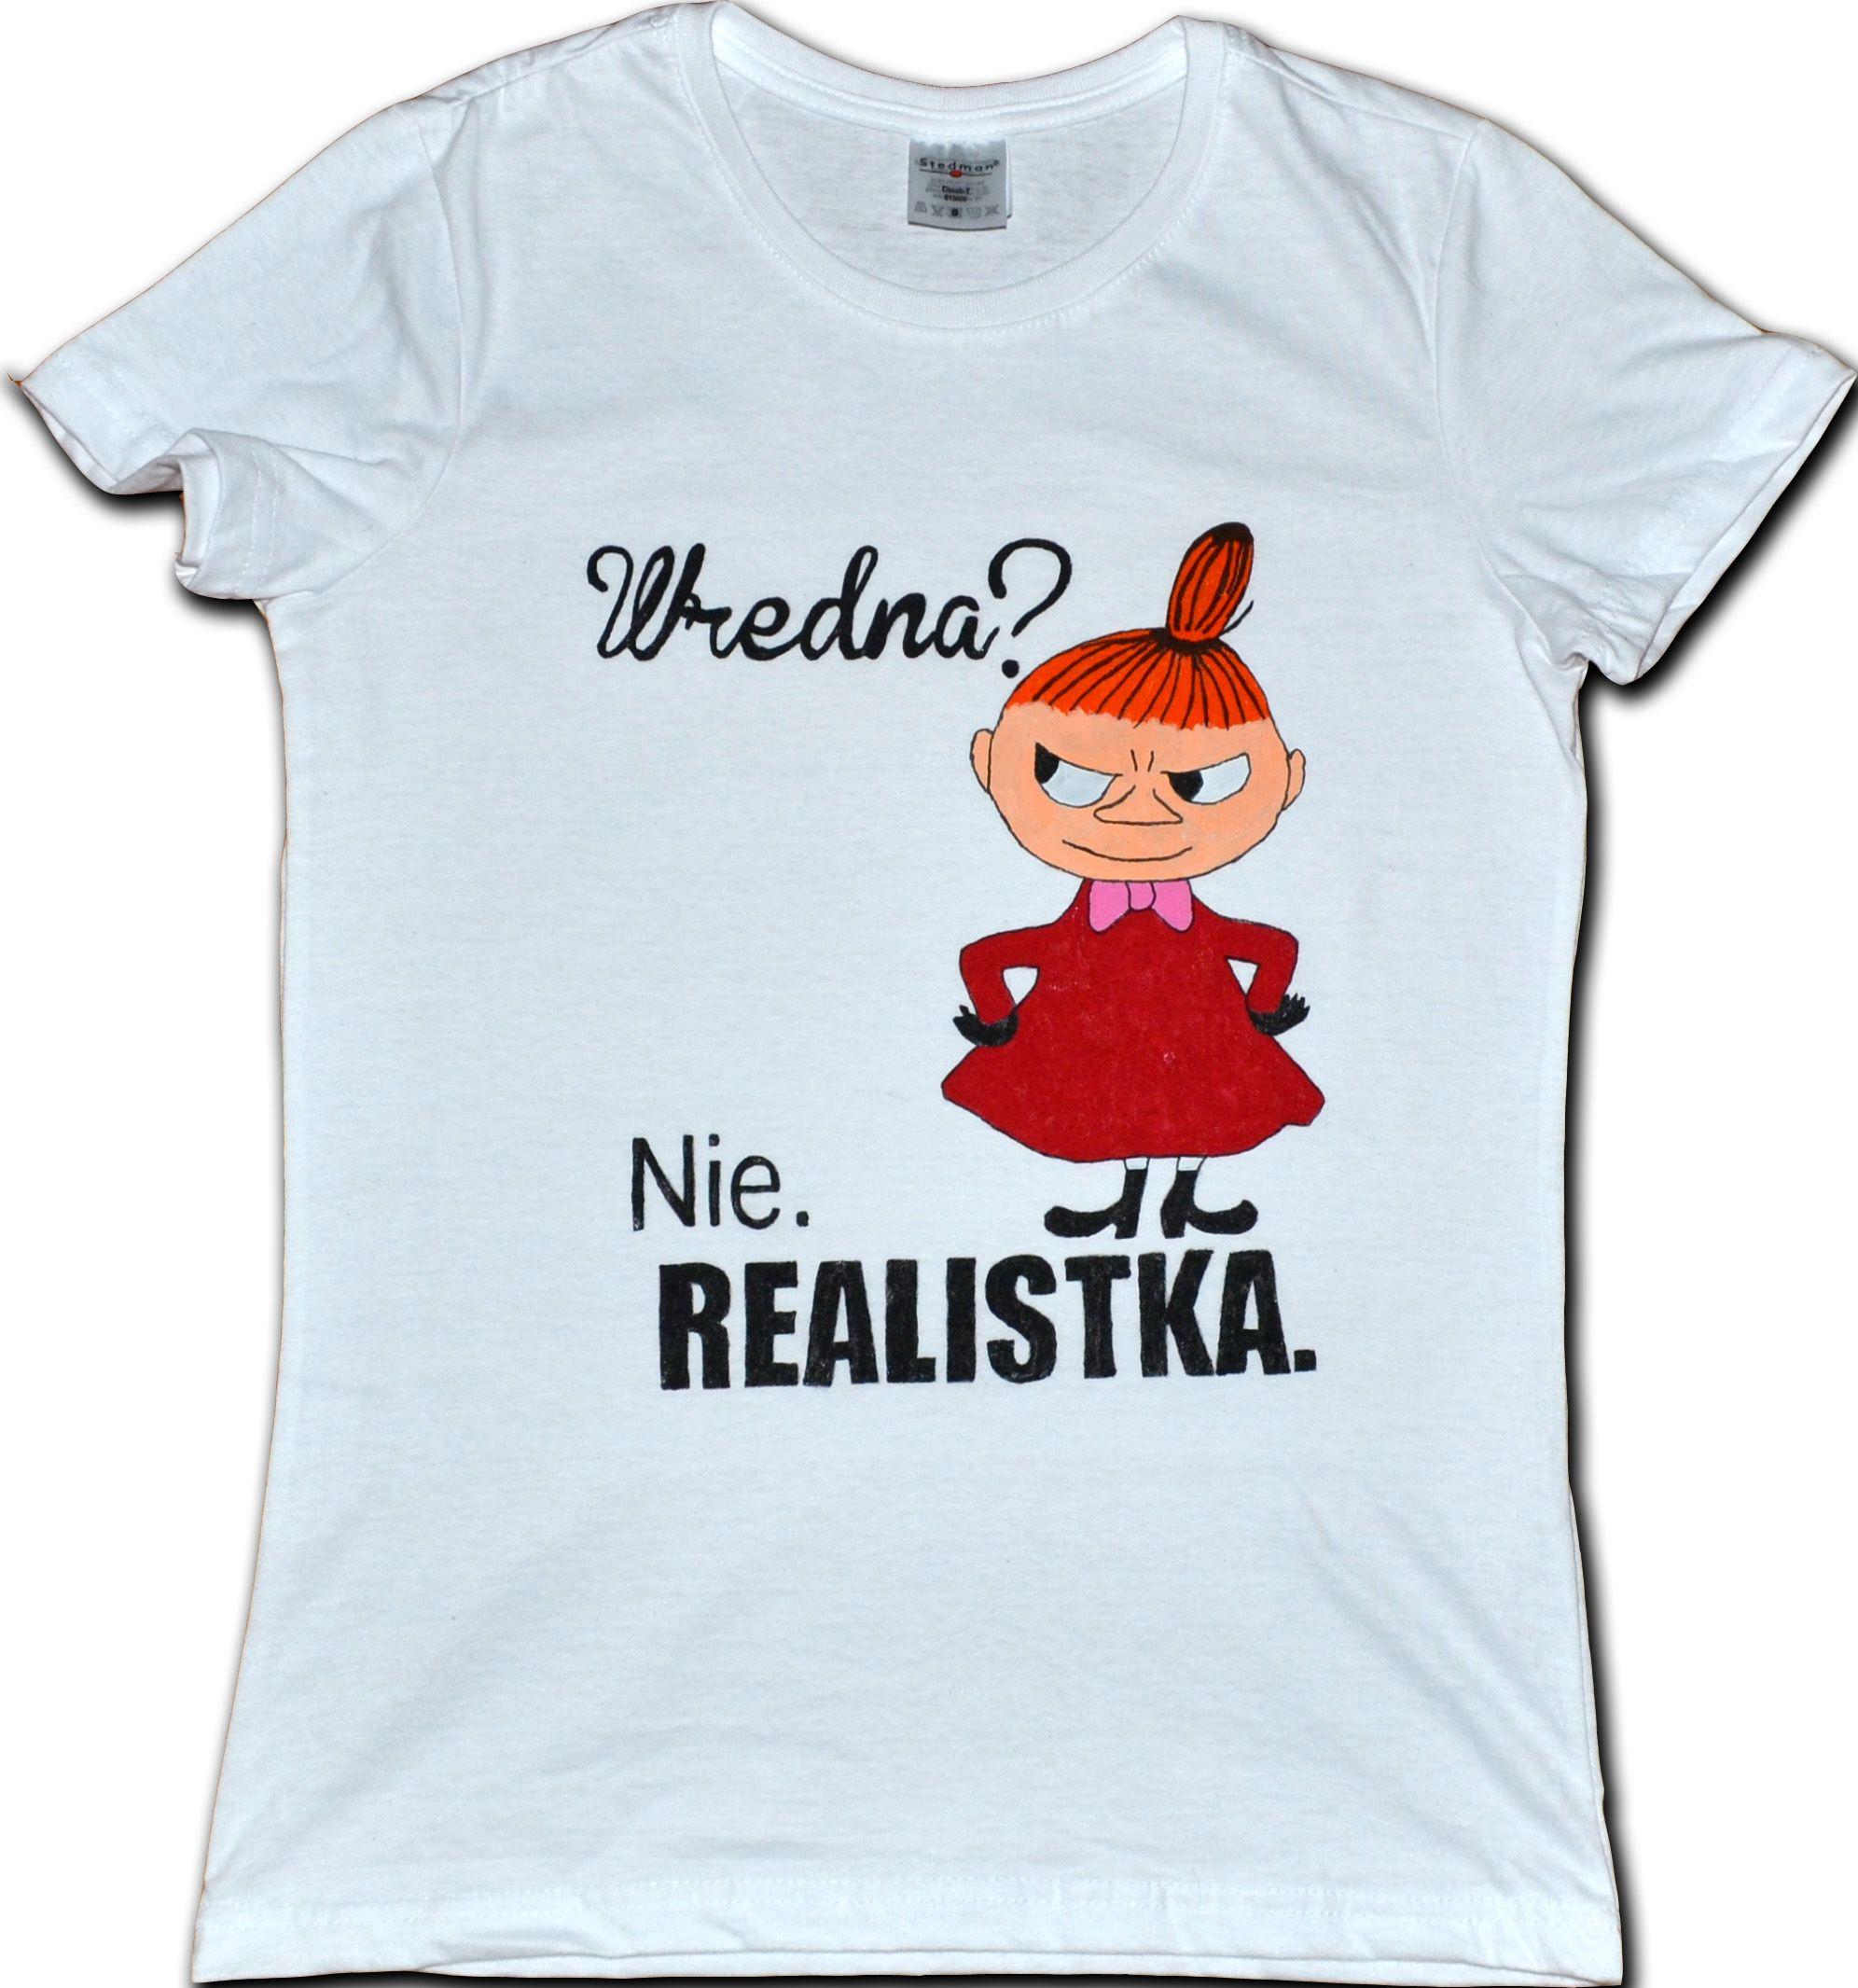 Koszulka Recznie Malowana Specjalnymi Farbami Do Tkanin Motyw Mala Mi Mozliwosc Zamowienia Dowolnej Koszulki Tshirt Logo T Shirt Mens Tops